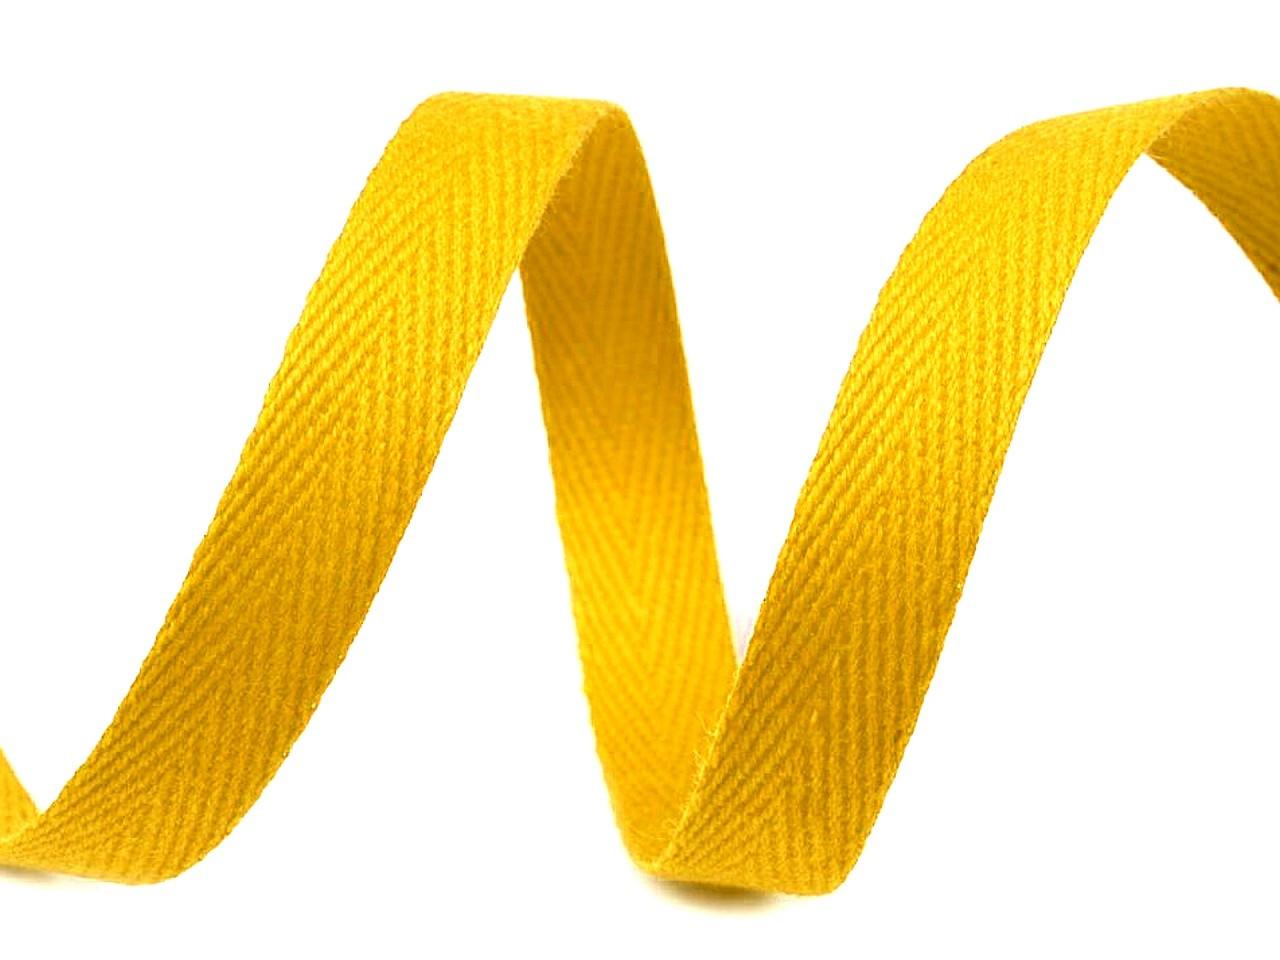 Keprovka - tkaloun šíře 12 mm, barva 4202 žlutá tmavá